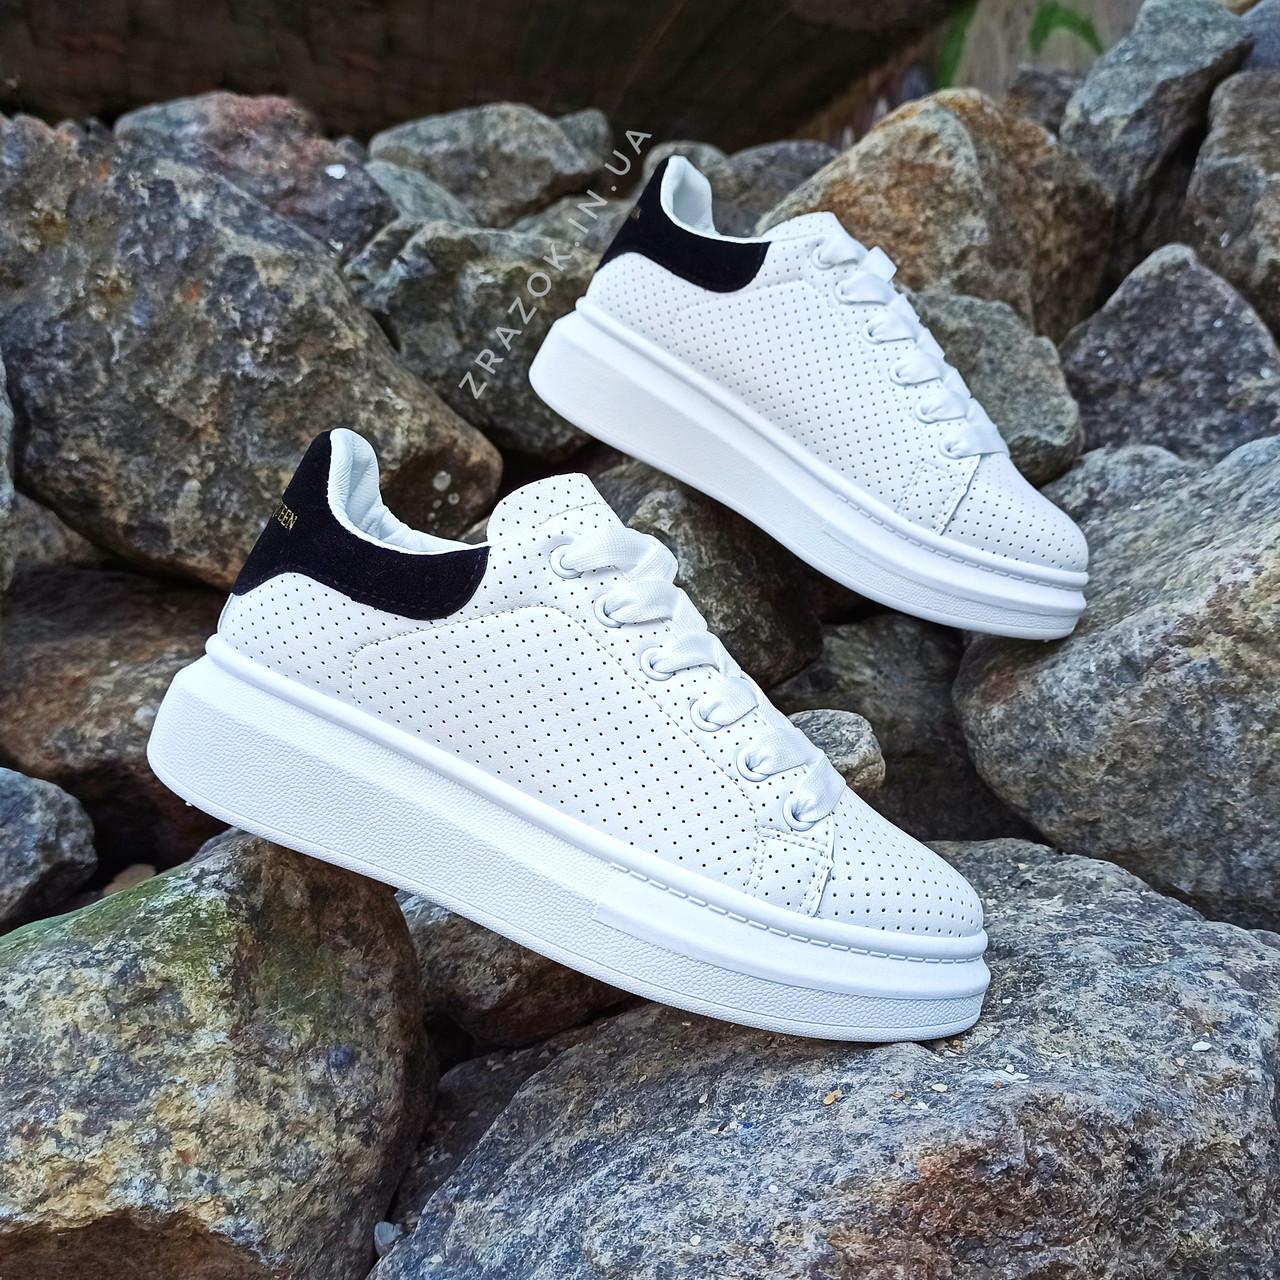 Кросівки кріпери ALEXANDER MCQUEEN |копія| білі розміри 36-41 на товстій підошві високі шкіряні перфорація